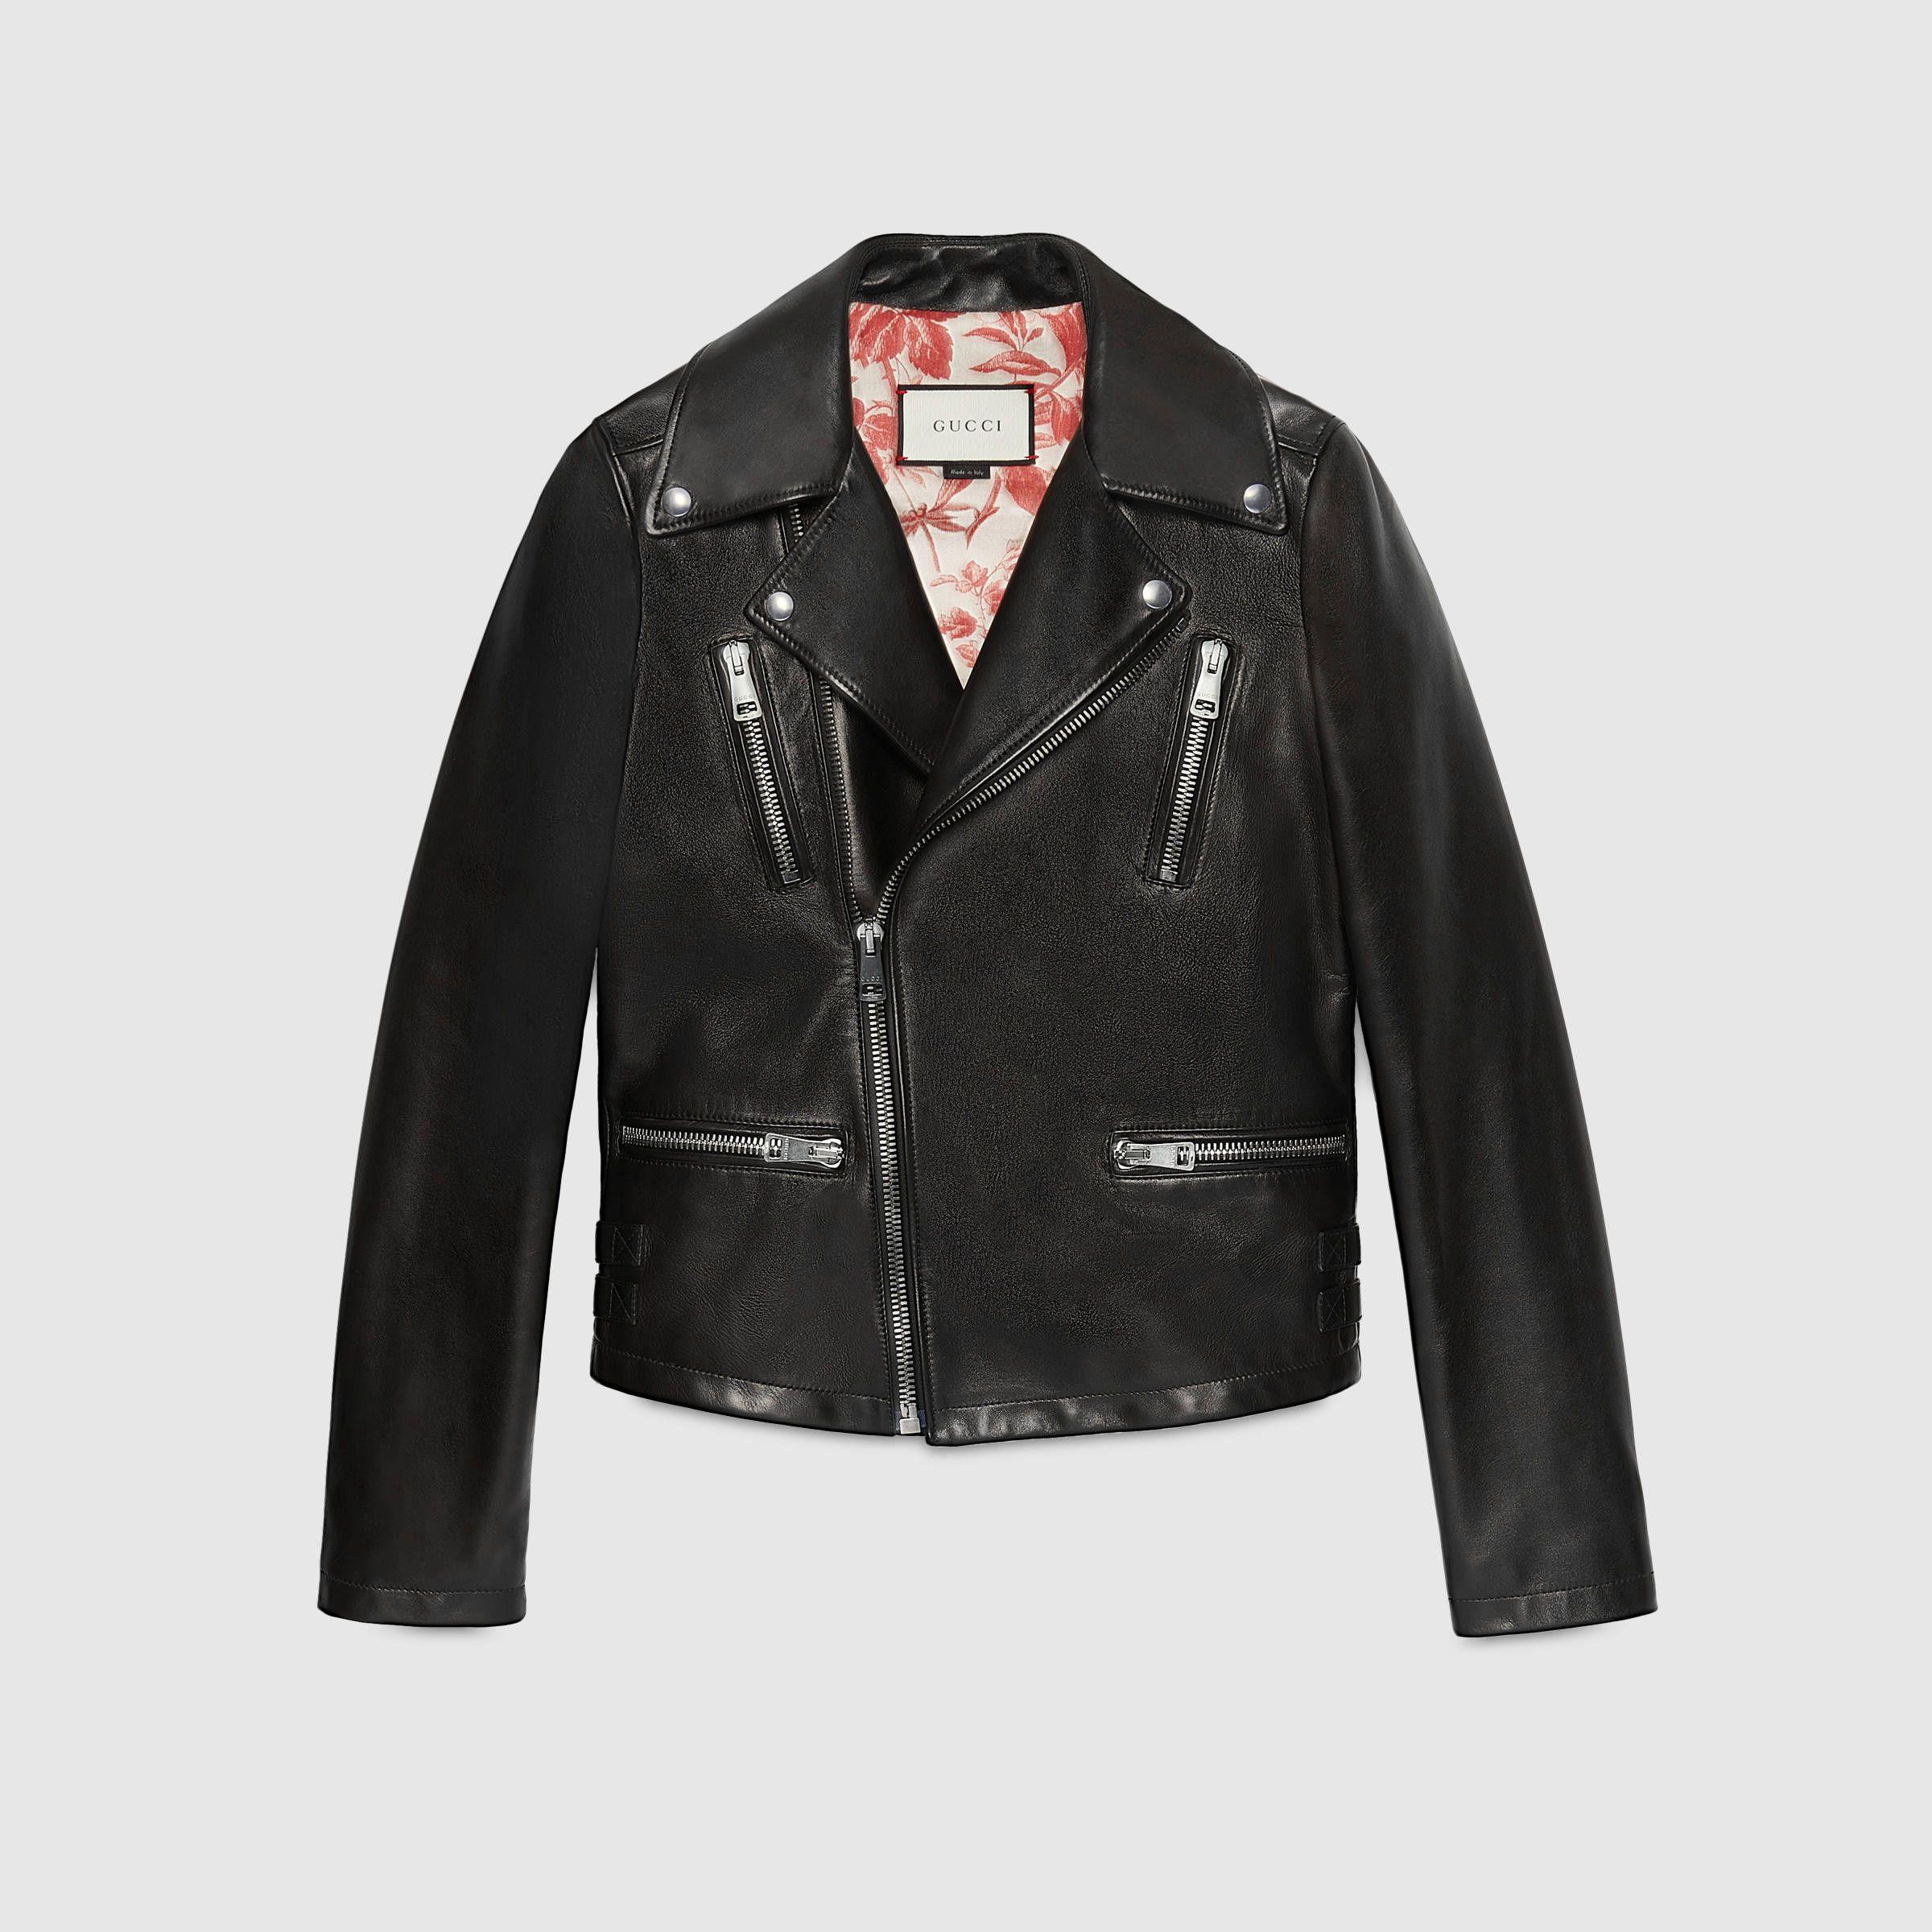 Veste motard en cuir - Gucci Vêtements d extérieur   Vestes en cuir  419017XN3361000 339ab9fd94b